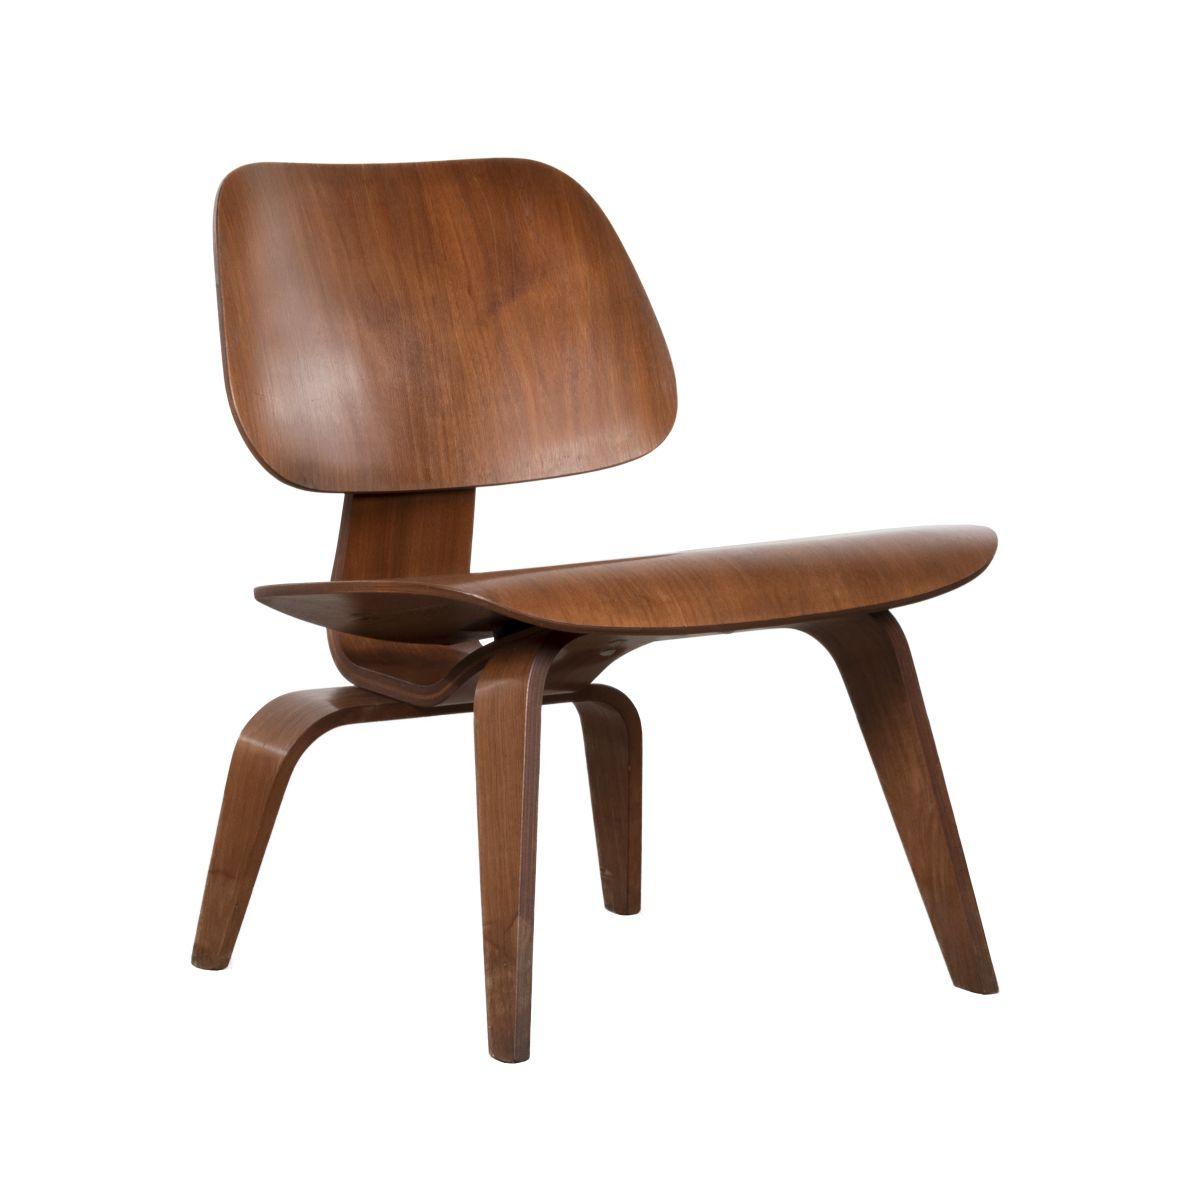 lcw stuhl aus nussholz von charles ray eames f r herman miller 1950 cafe konrad vib. Black Bedroom Furniture Sets. Home Design Ideas